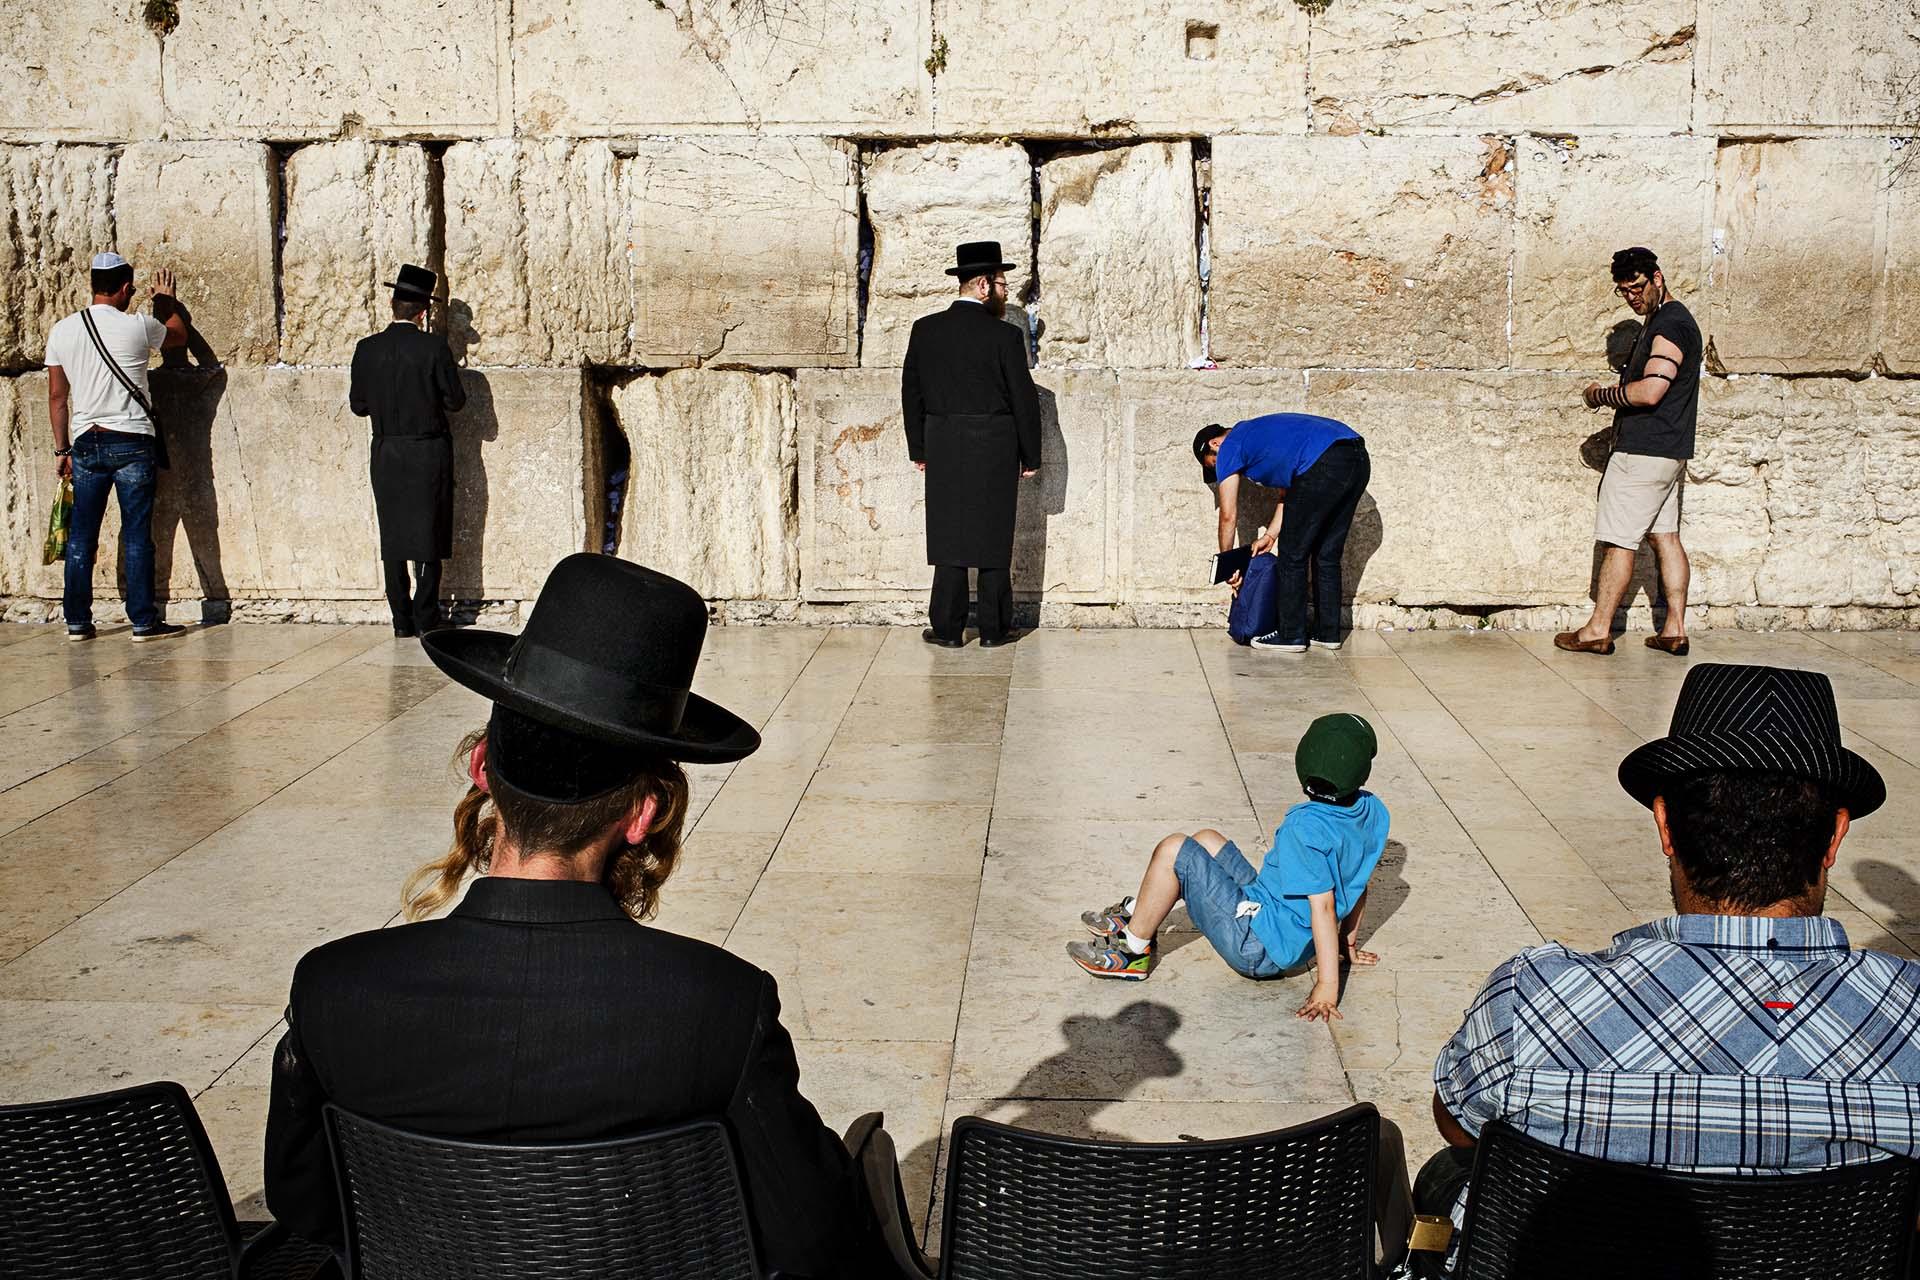 El Muro de las Lamentaciones es el lugar más sagrado para los judíos, y epicentro de las contínuas tensiones étnicas y religiosas en la región